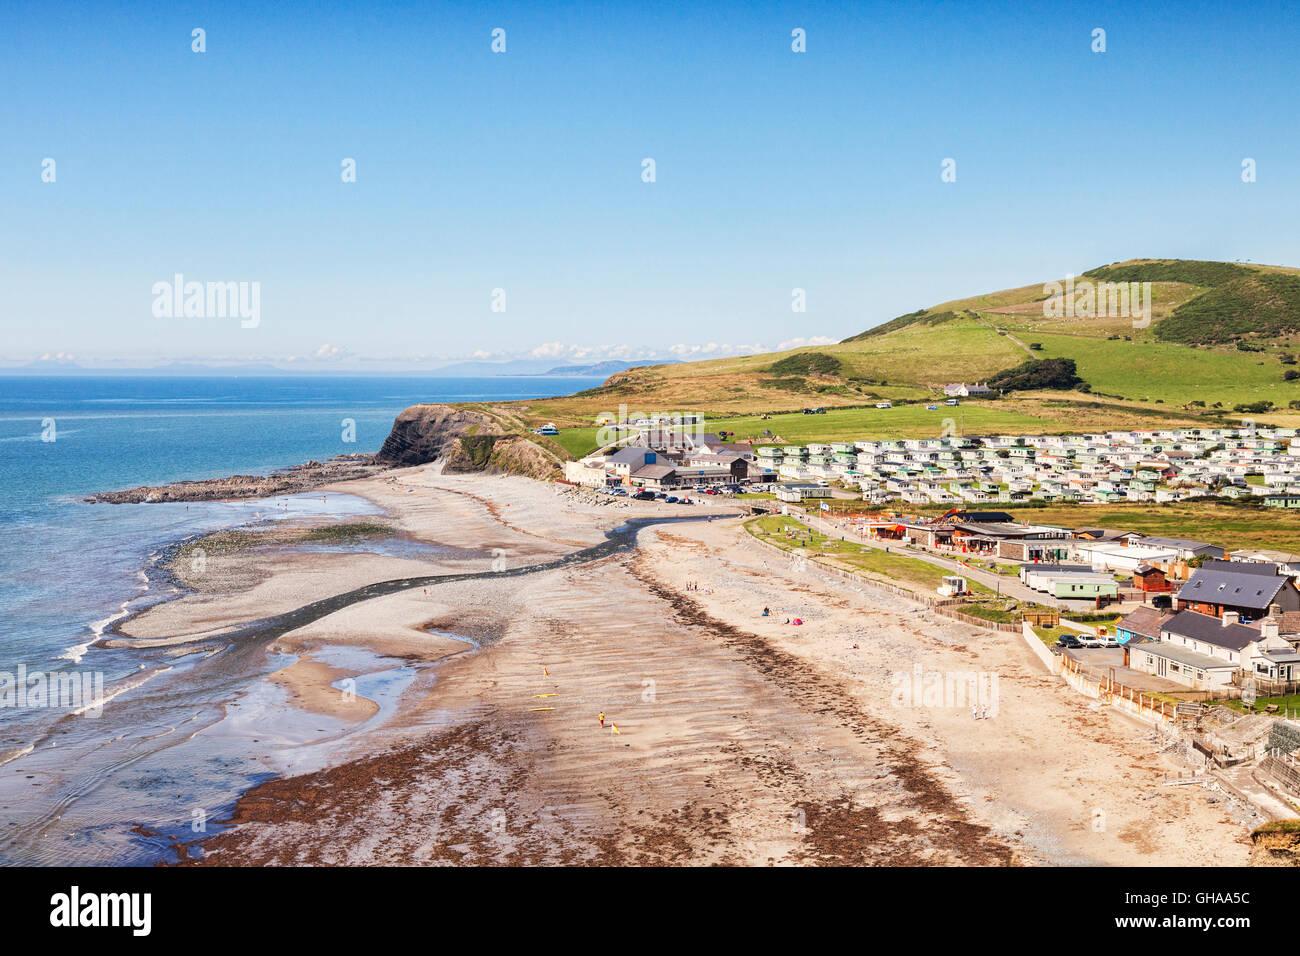 Clarach Bay, Aberystwyth, Cardiganshire, Wales, UK - Stock Image